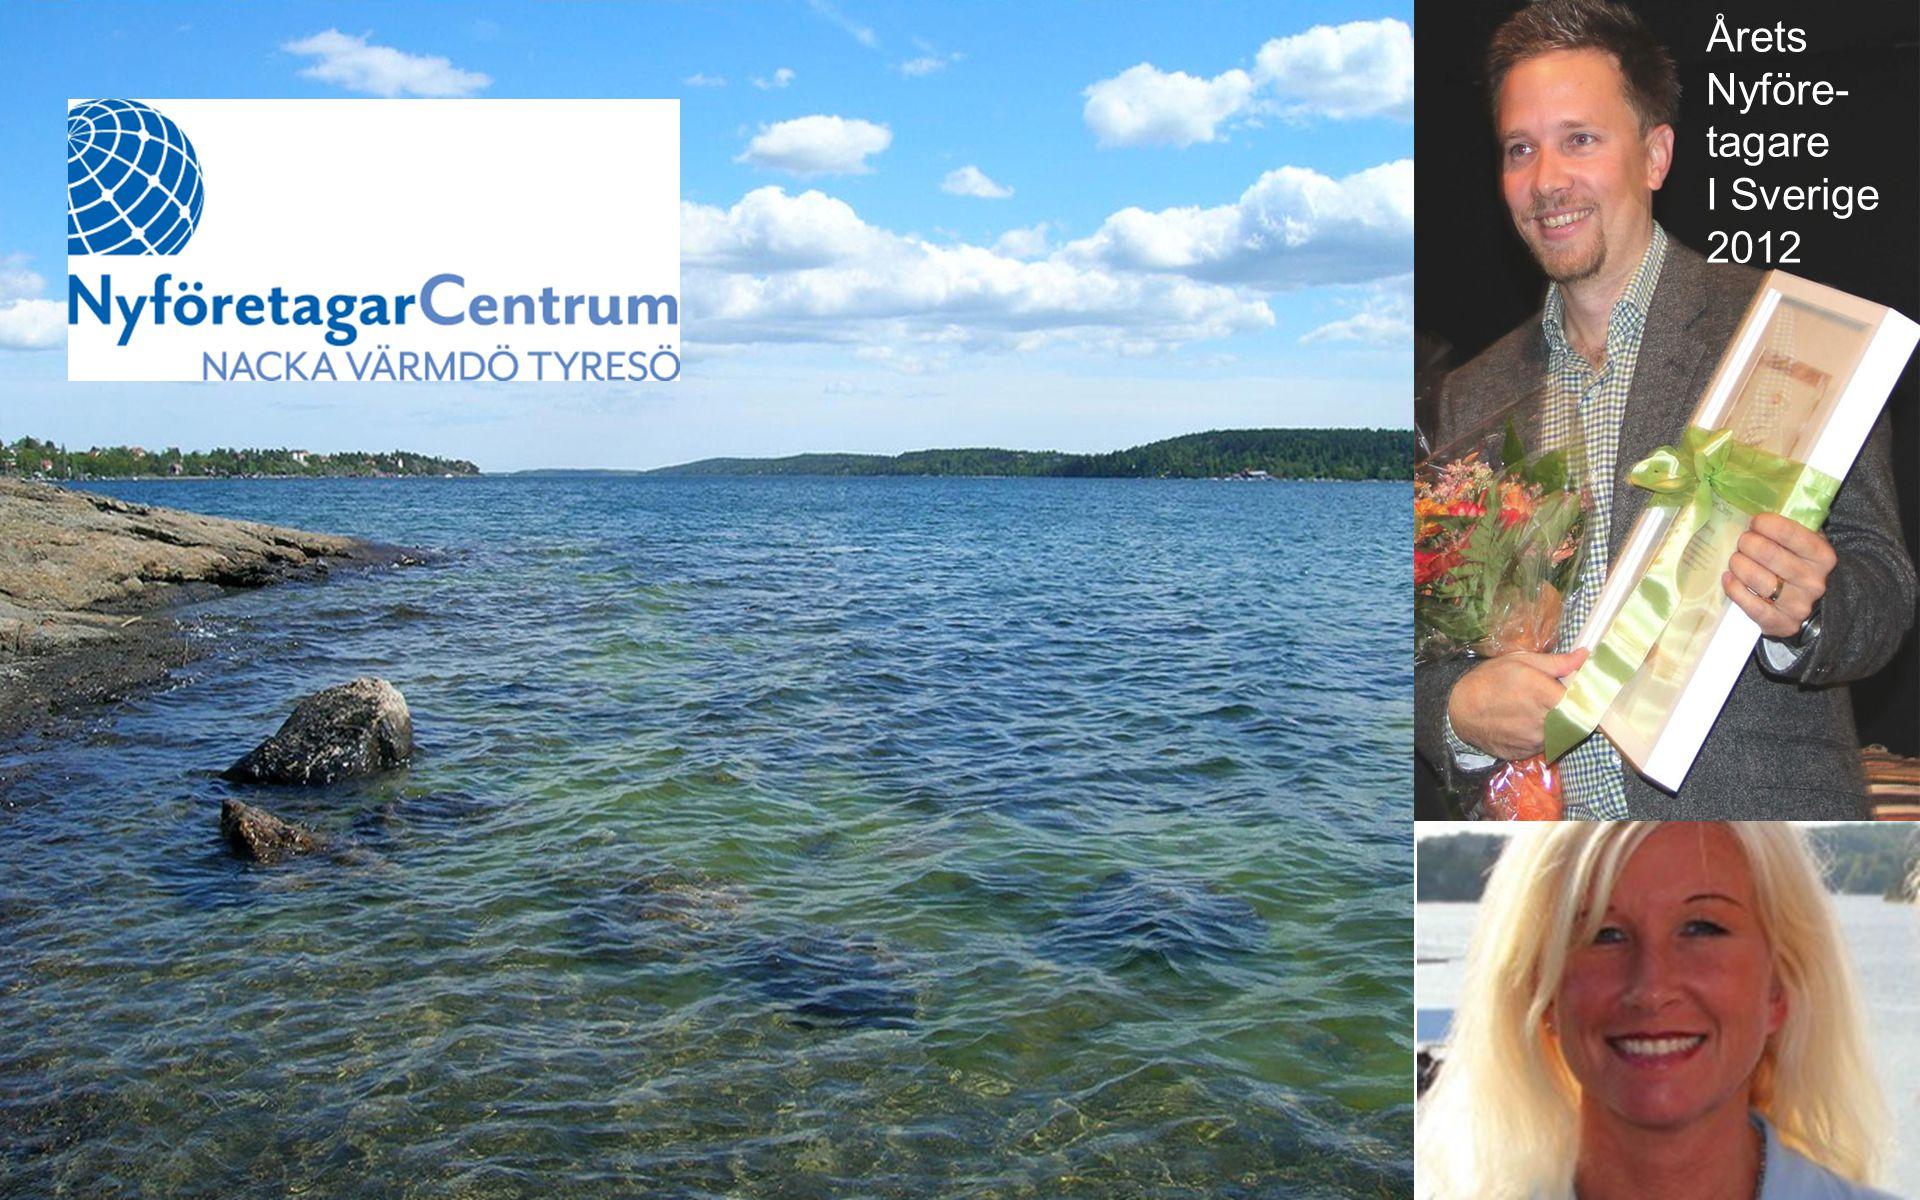 Välkommen till Årets Nyföre- tagare I Sverige 2012